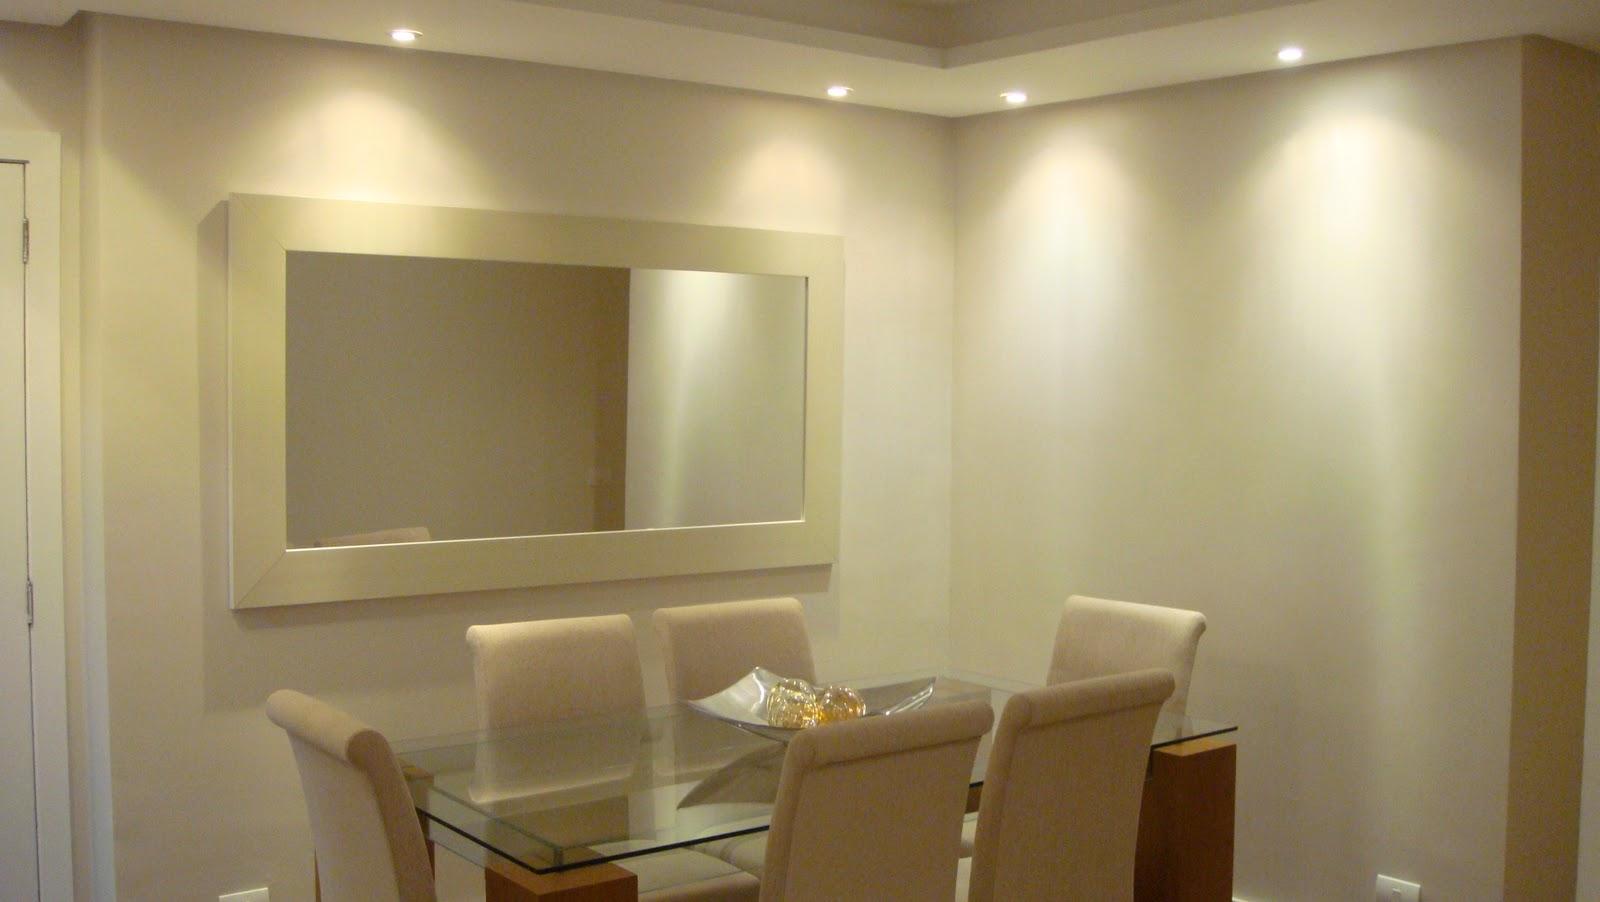 #3E240B Gesso: A janta para pronta! Pode servir linda sala com sanca em gesso 1600x902 píxeis em Decoração De Sala De Estar Com Gesso